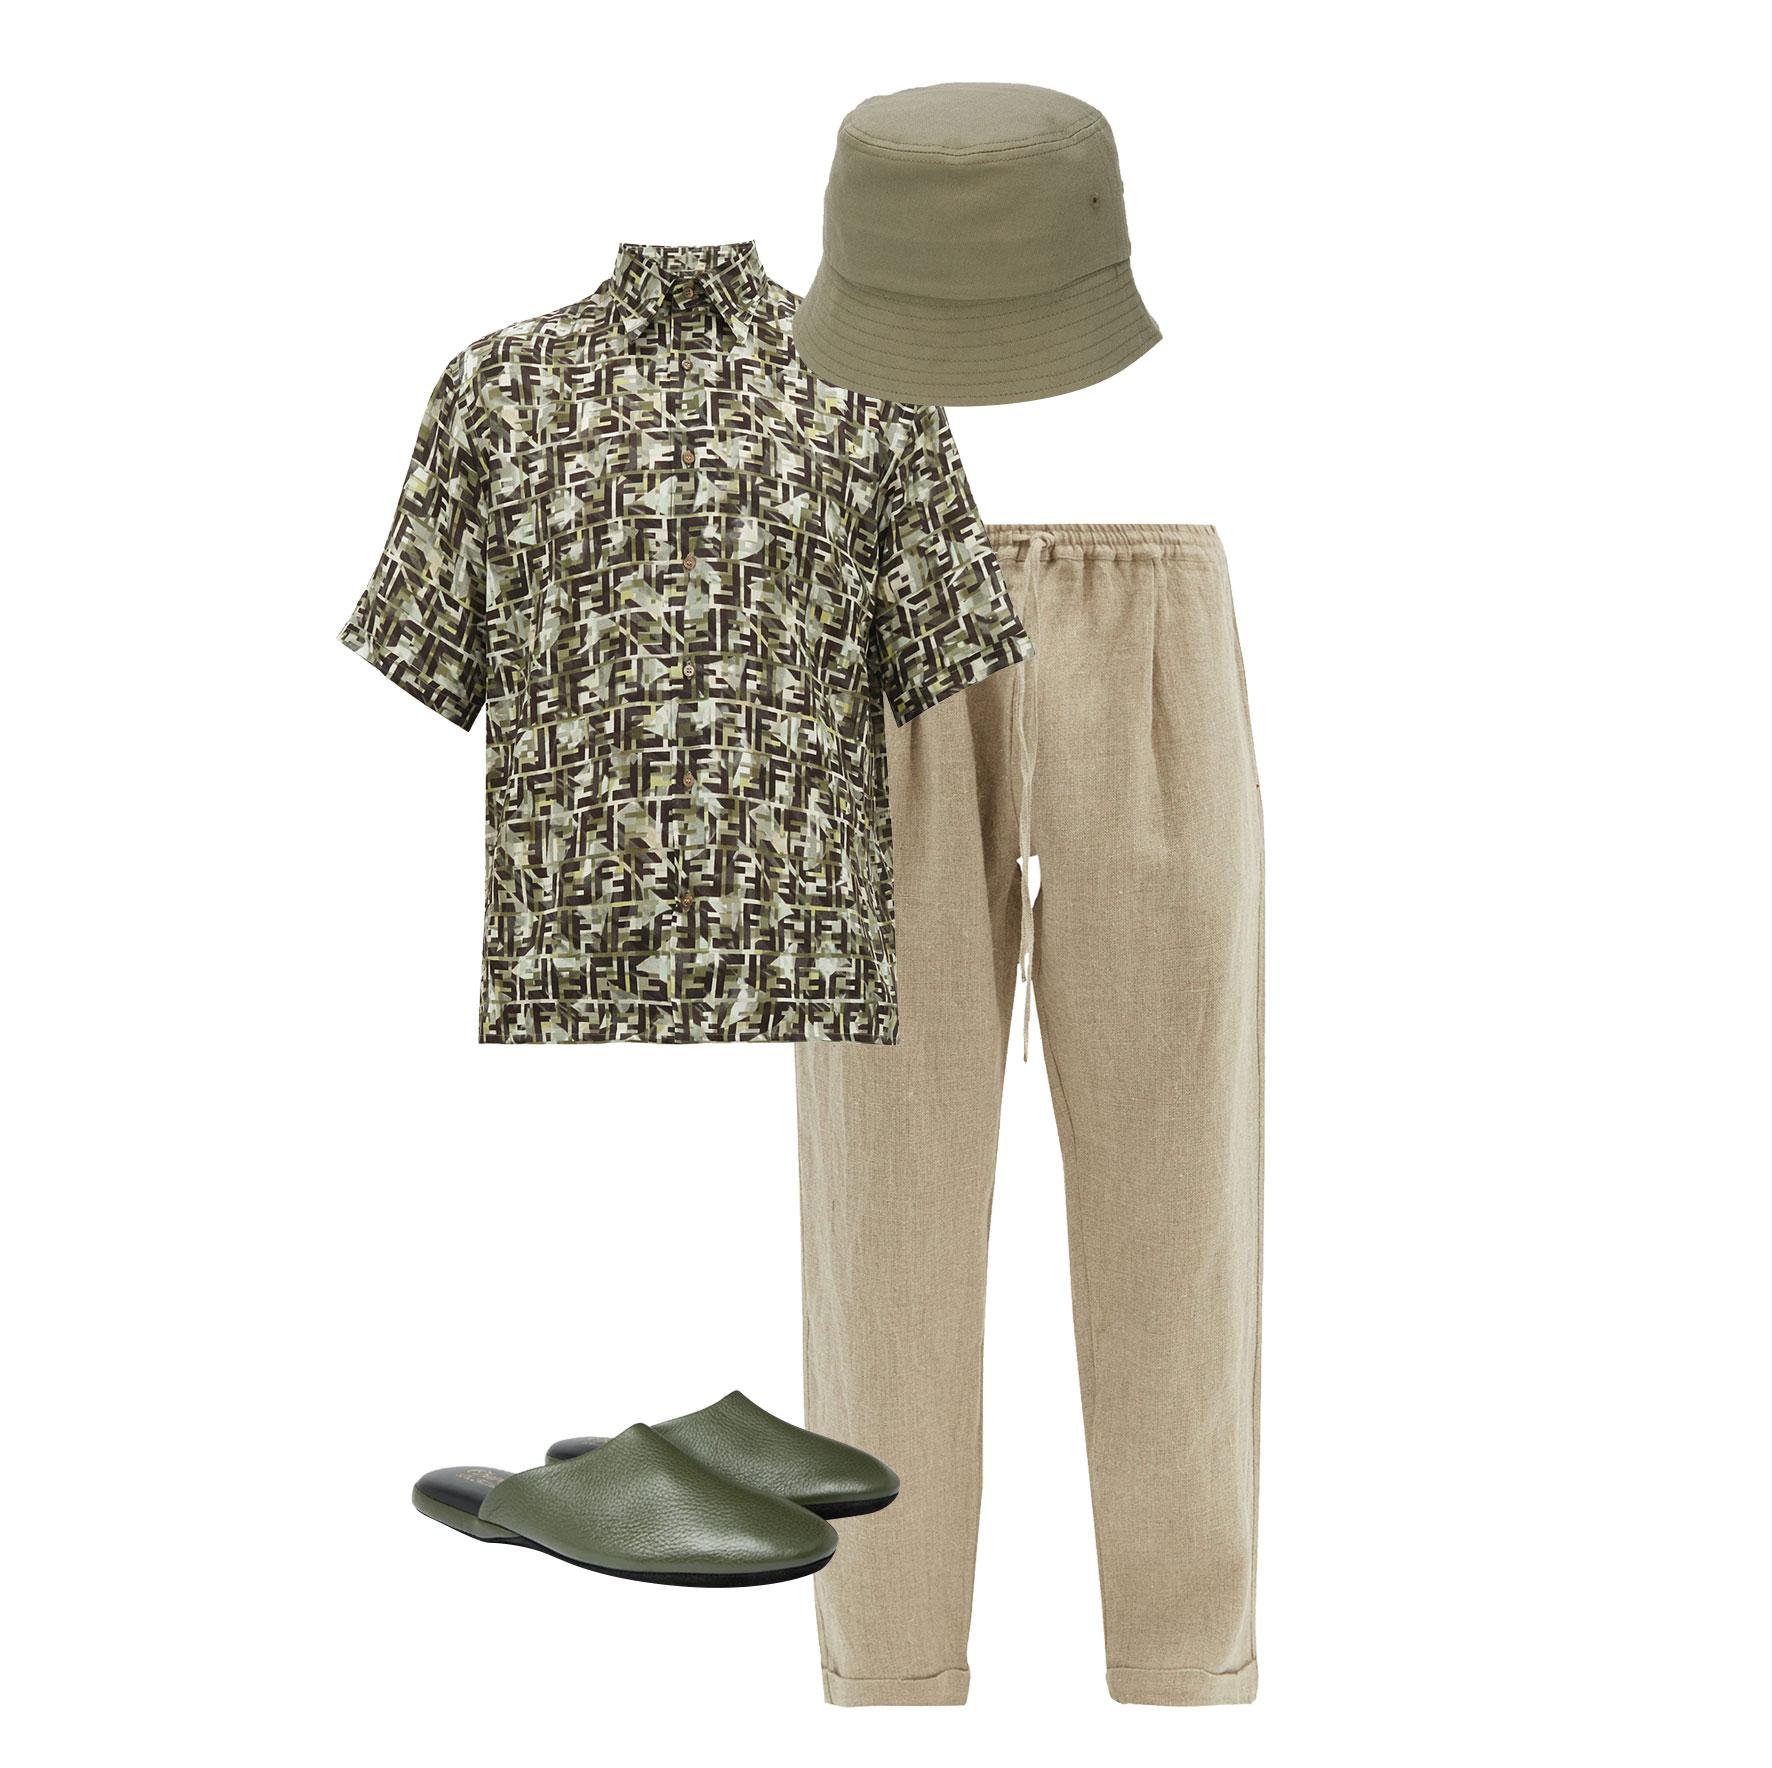 Брюки Pèro, €277; рубашка Fendi, €450; слипперы Charvet, £318; панама Affix, 5 583 руб.